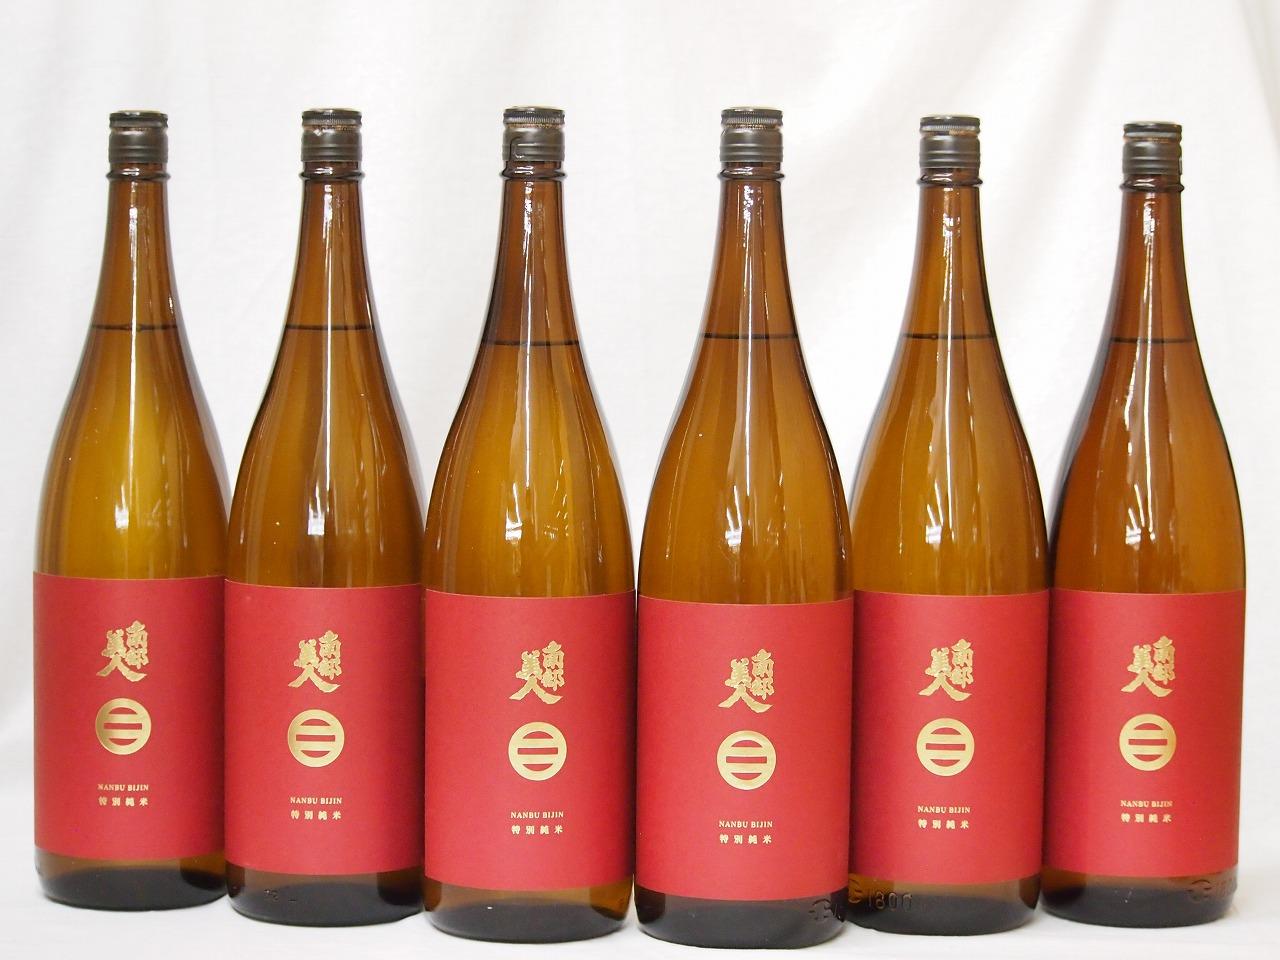 【 6本セット】南部美人 特別純米酒6本セット 1800ml×6本(岩手県)